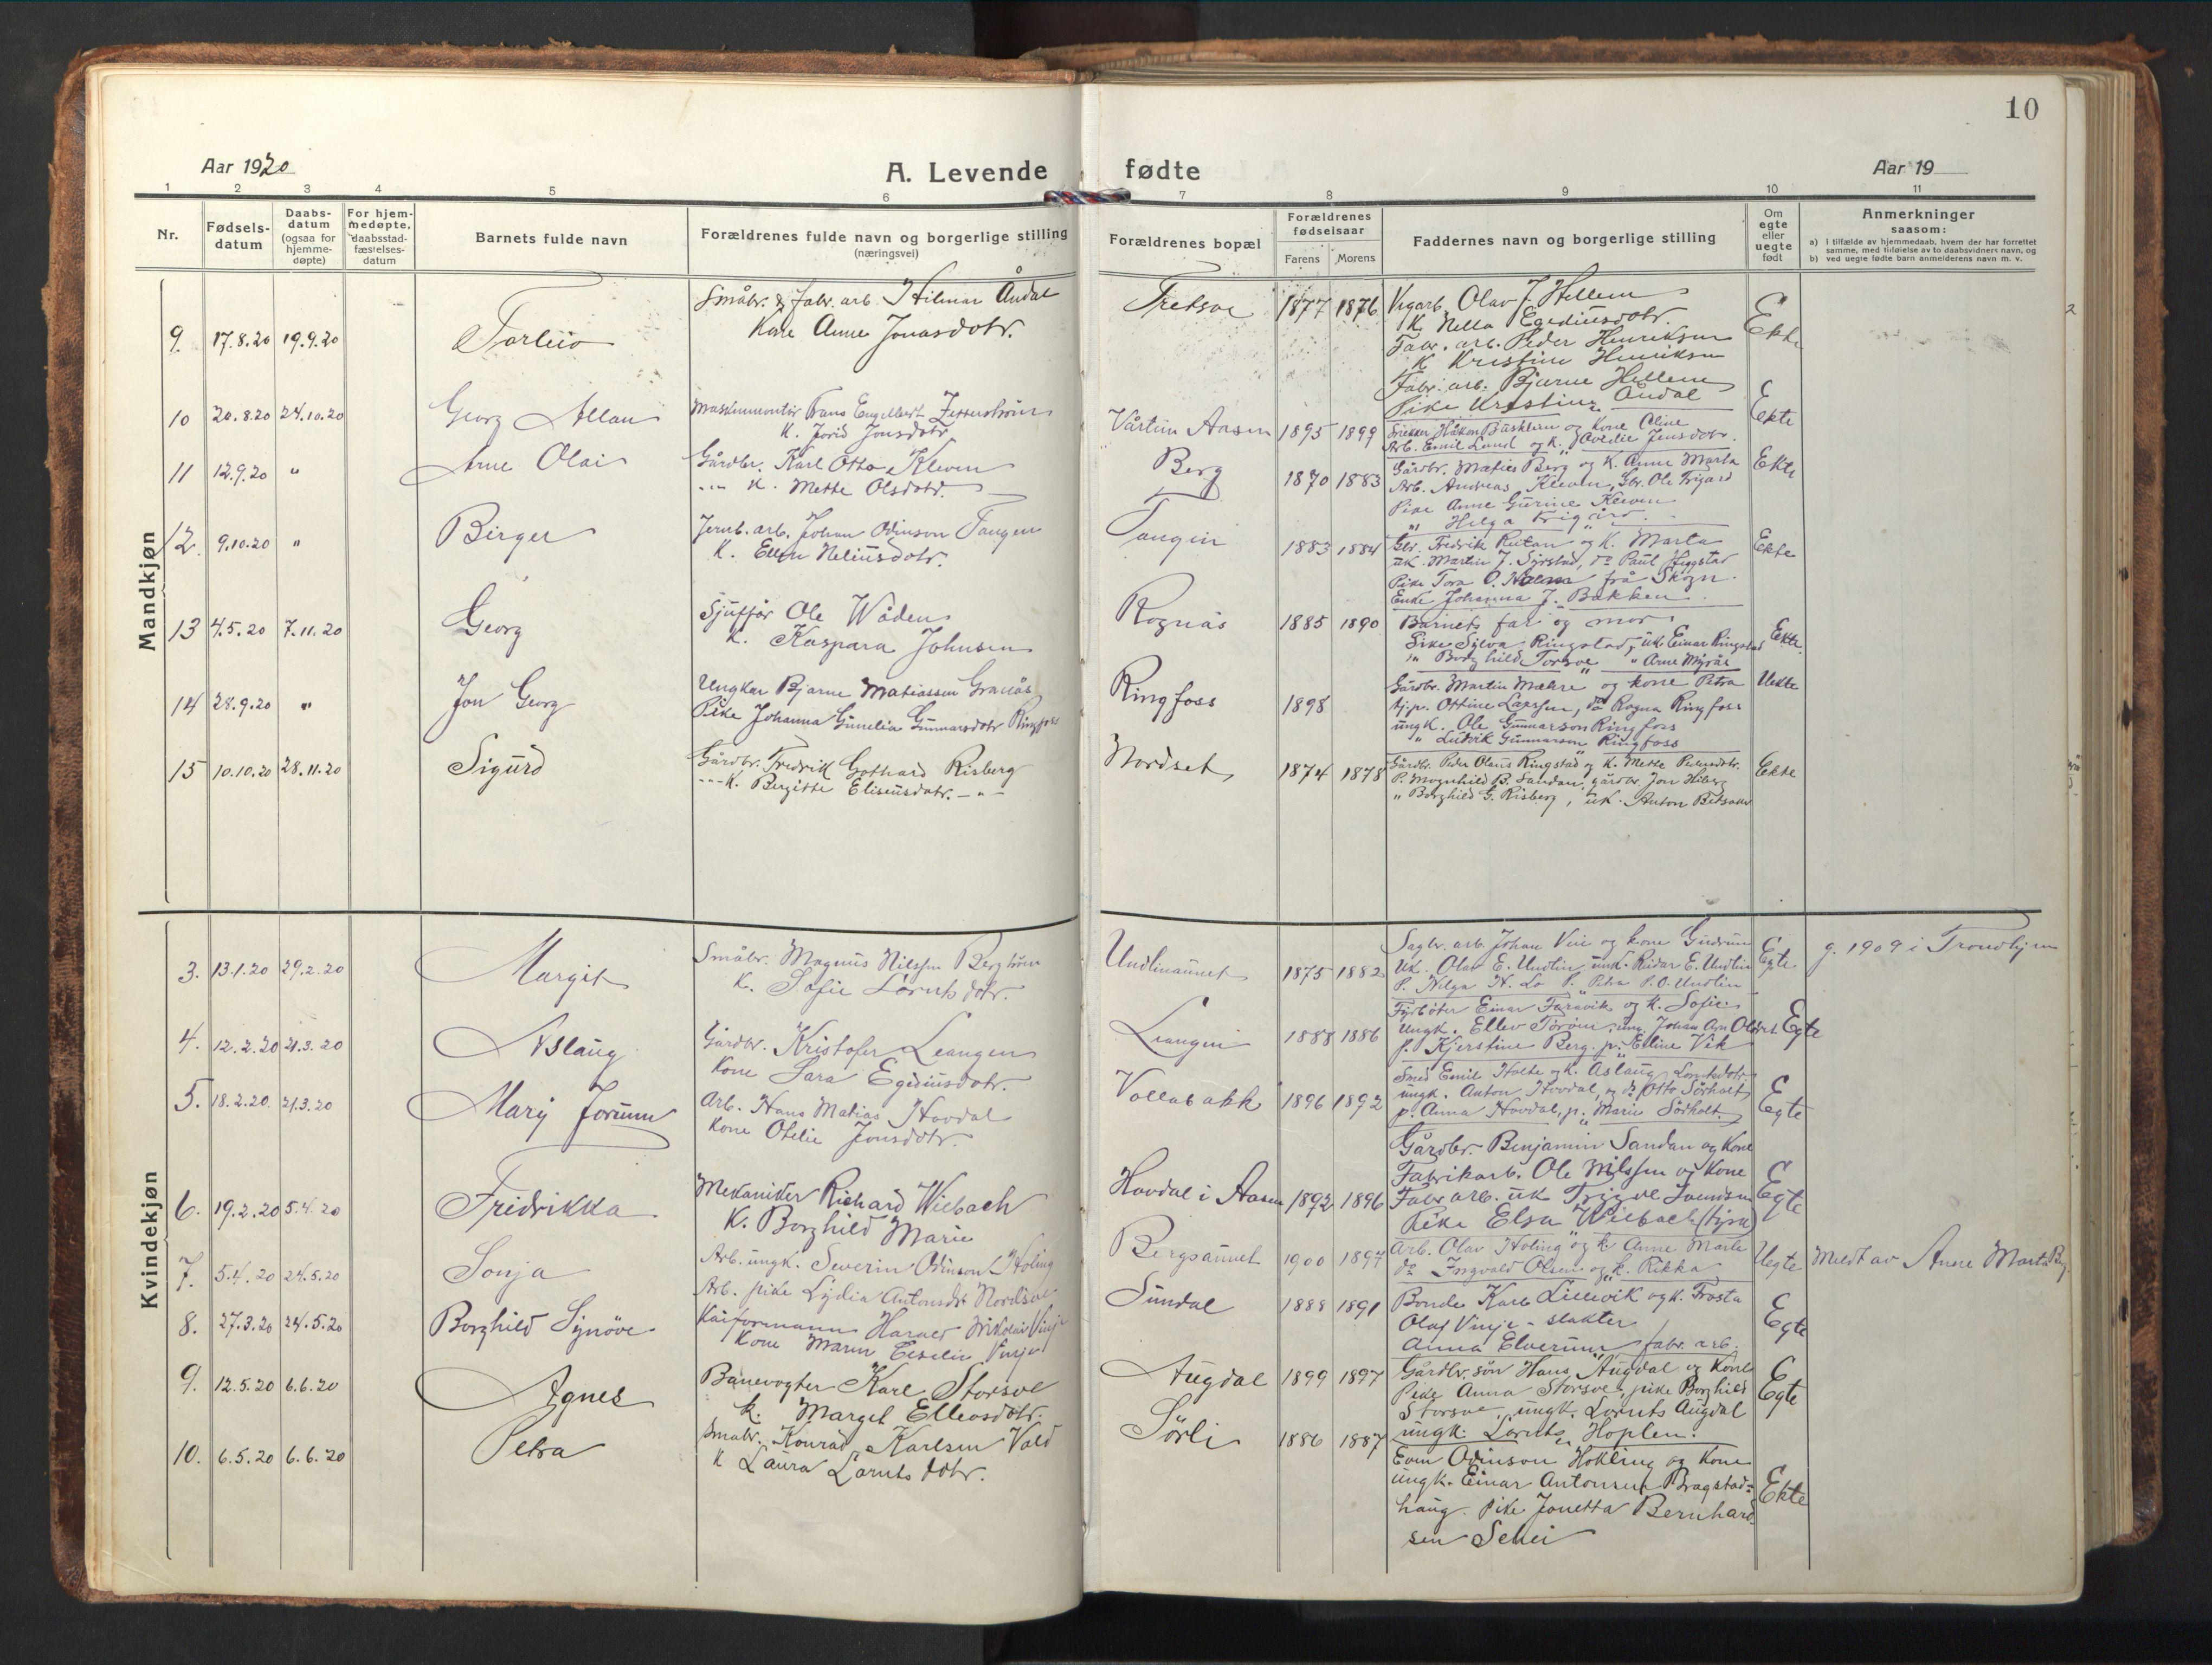 SAT, Ministerialprotokoller, klokkerbøker og fødselsregistre - Nord-Trøndelag, 714/L0136: Klokkerbok nr. 714C05, 1918-1957, s. 10